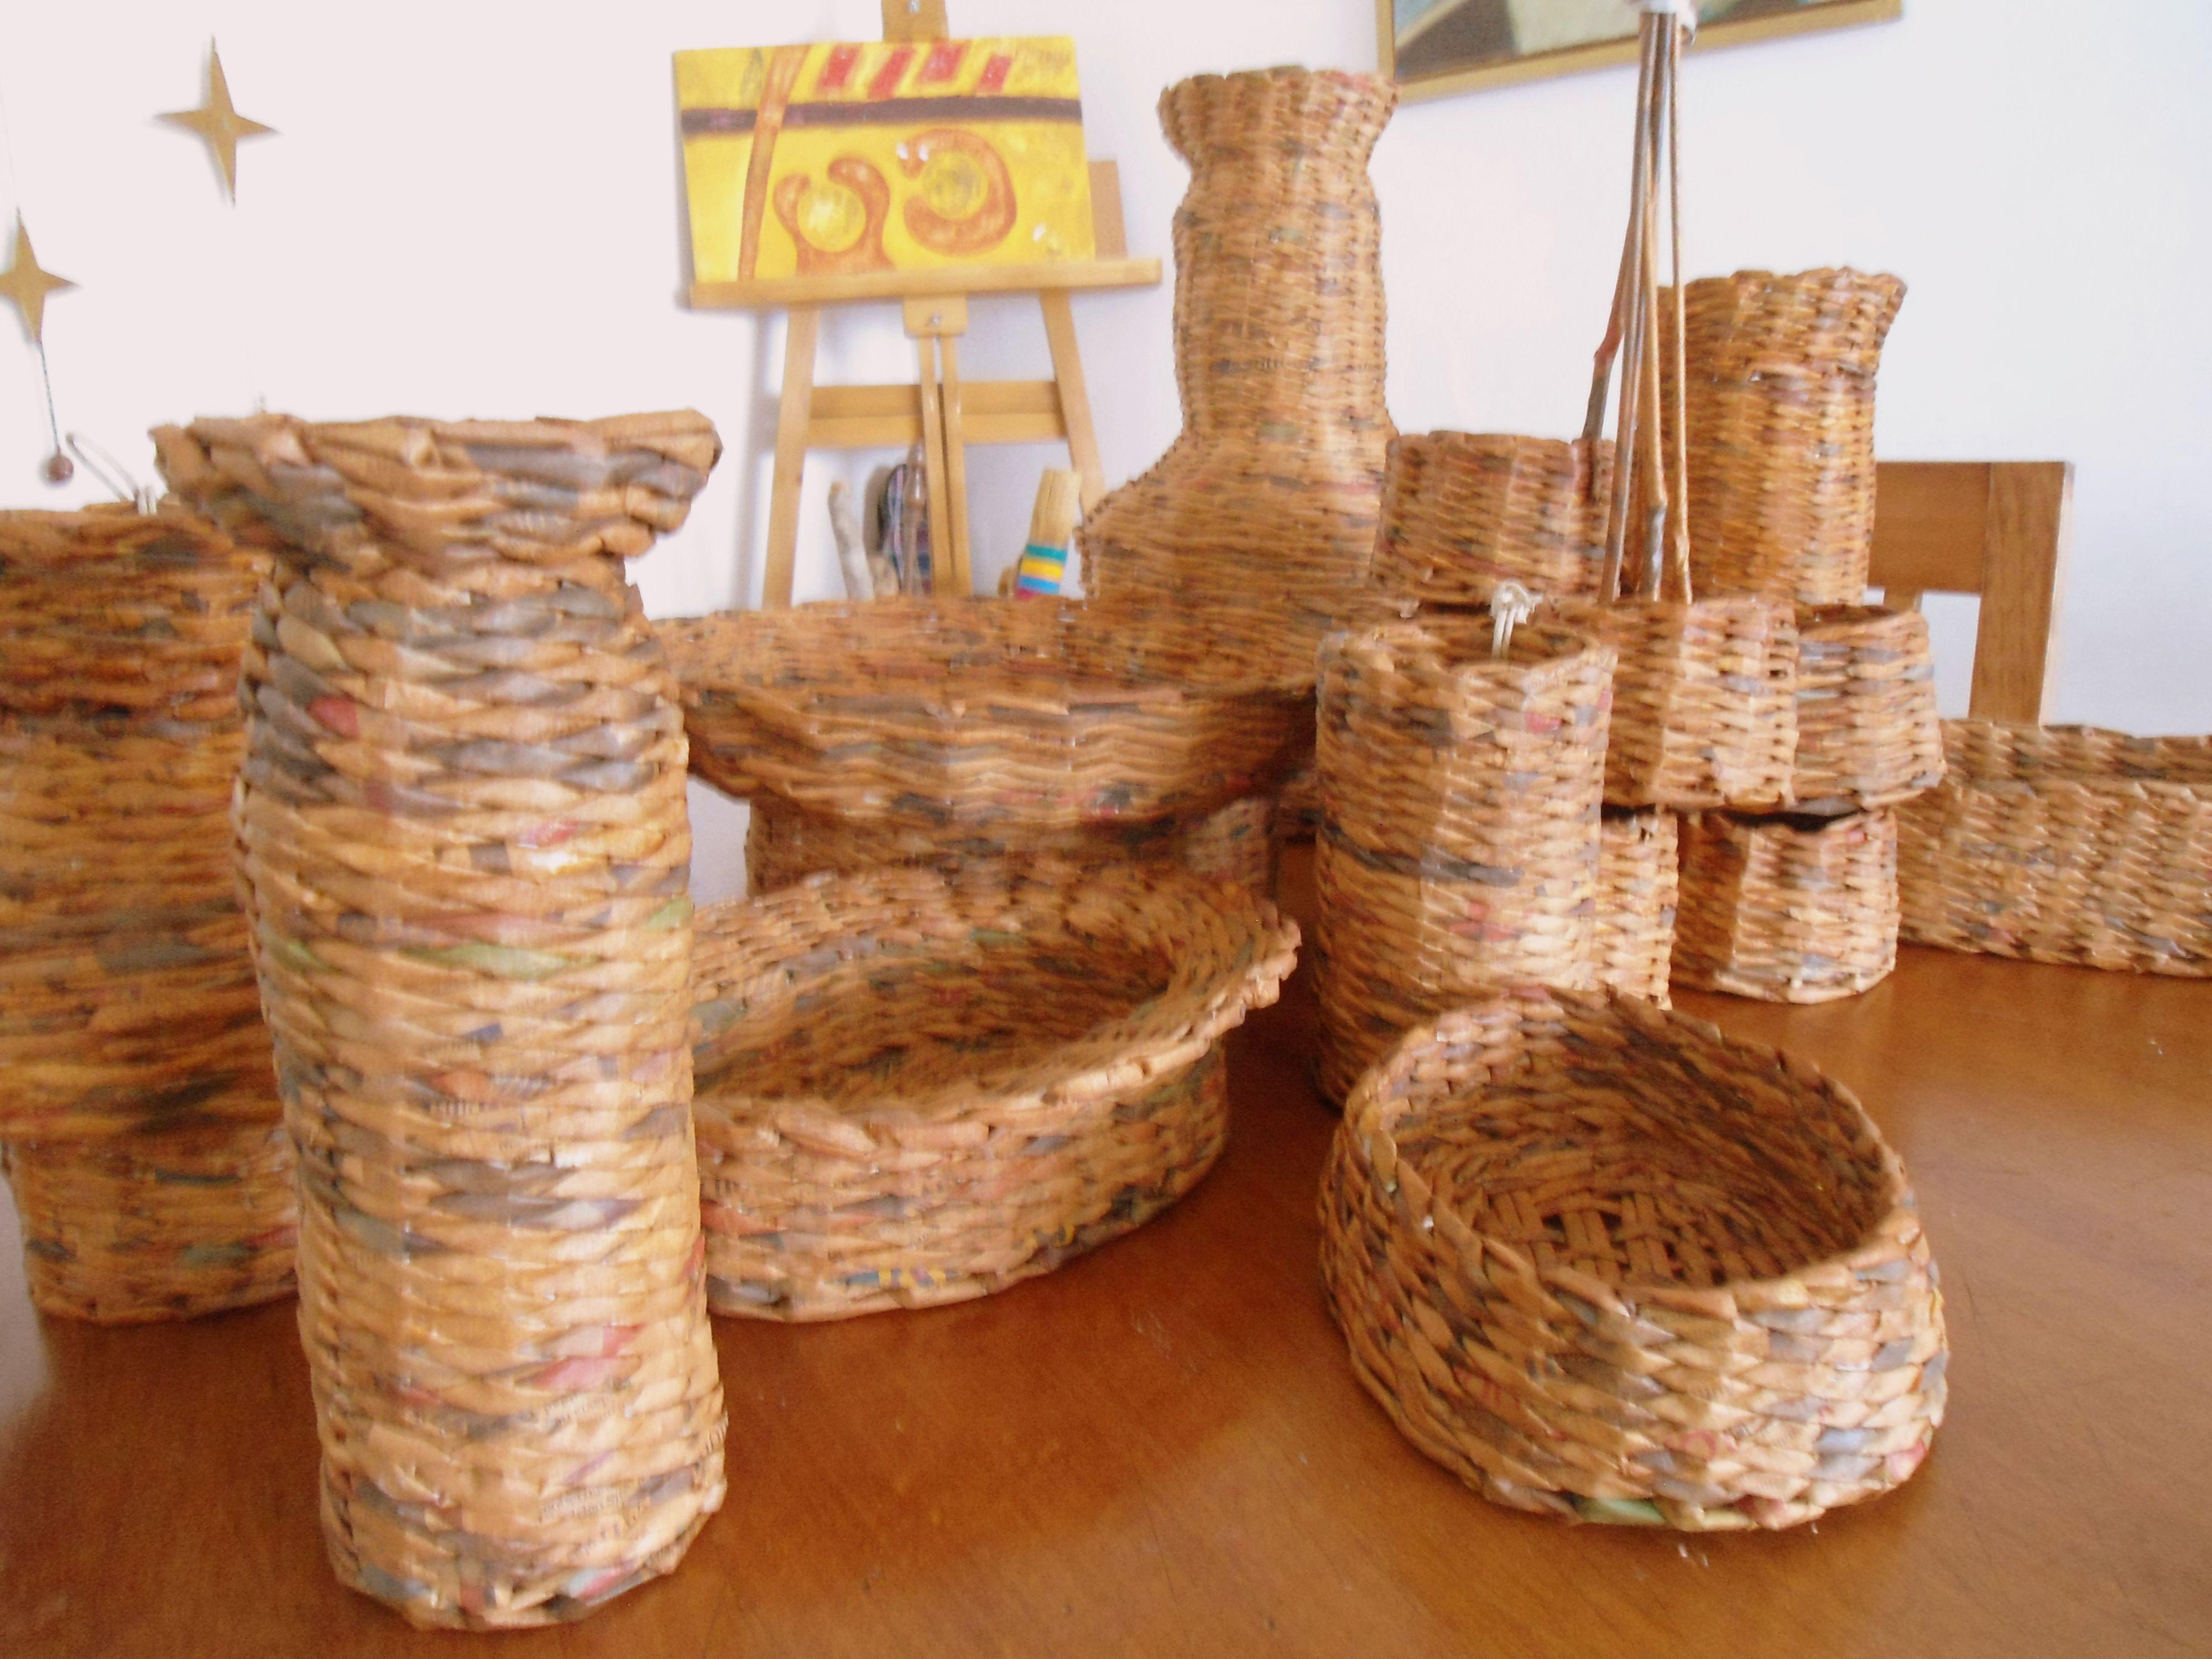 Canastos de papel reciclado decoracion dise o y - Manualidades de papel reciclado ...